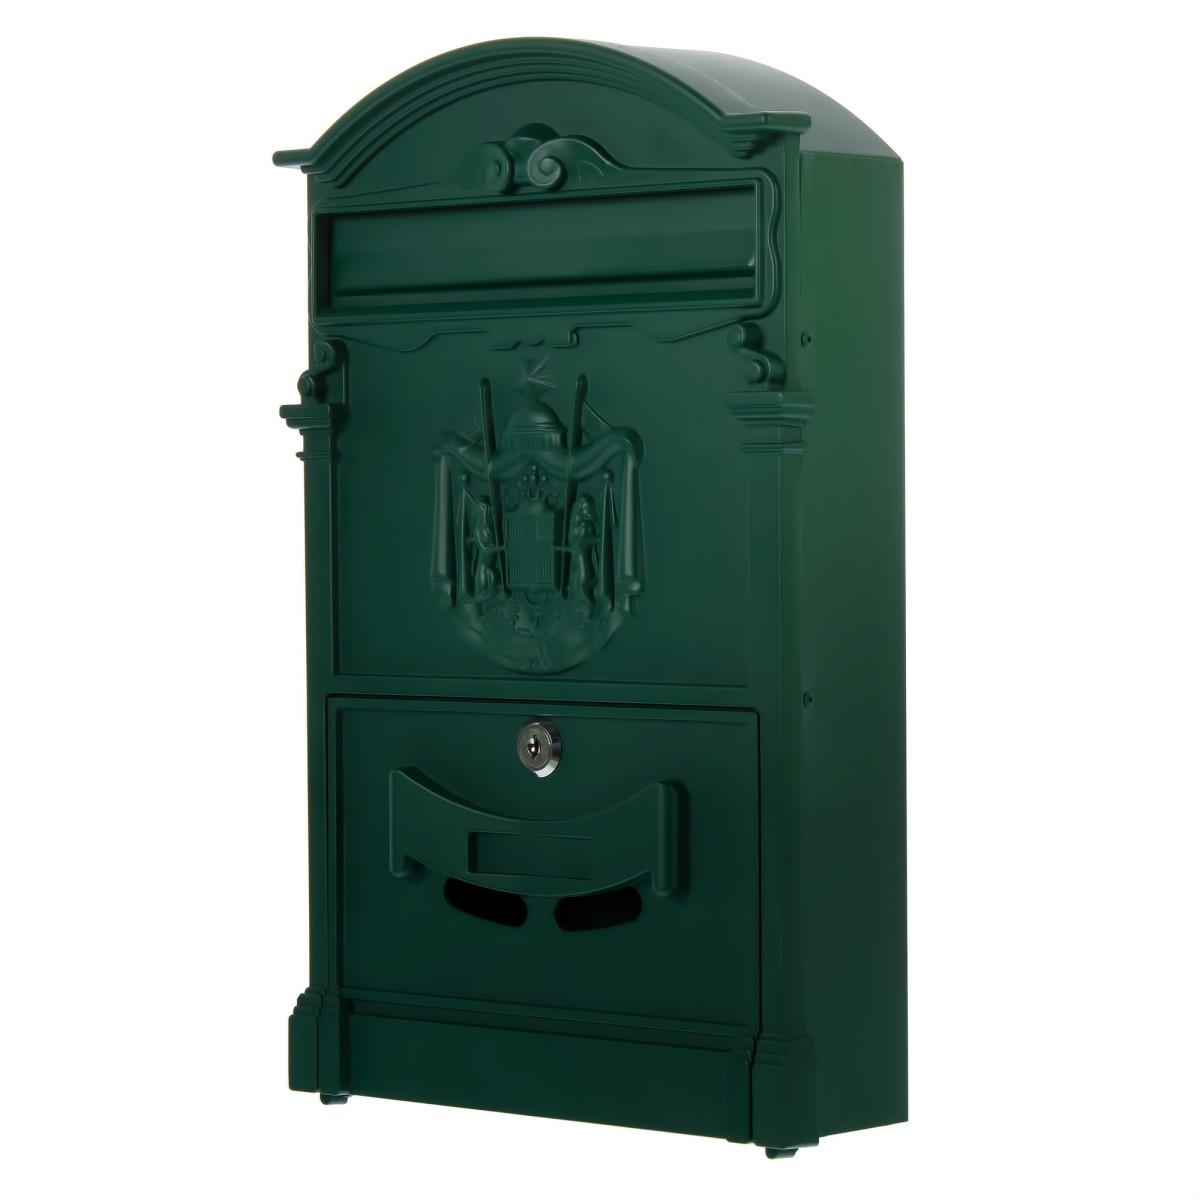 Ящик почтовый Standers MB-002-G алюминий/сталь цвет зеленый